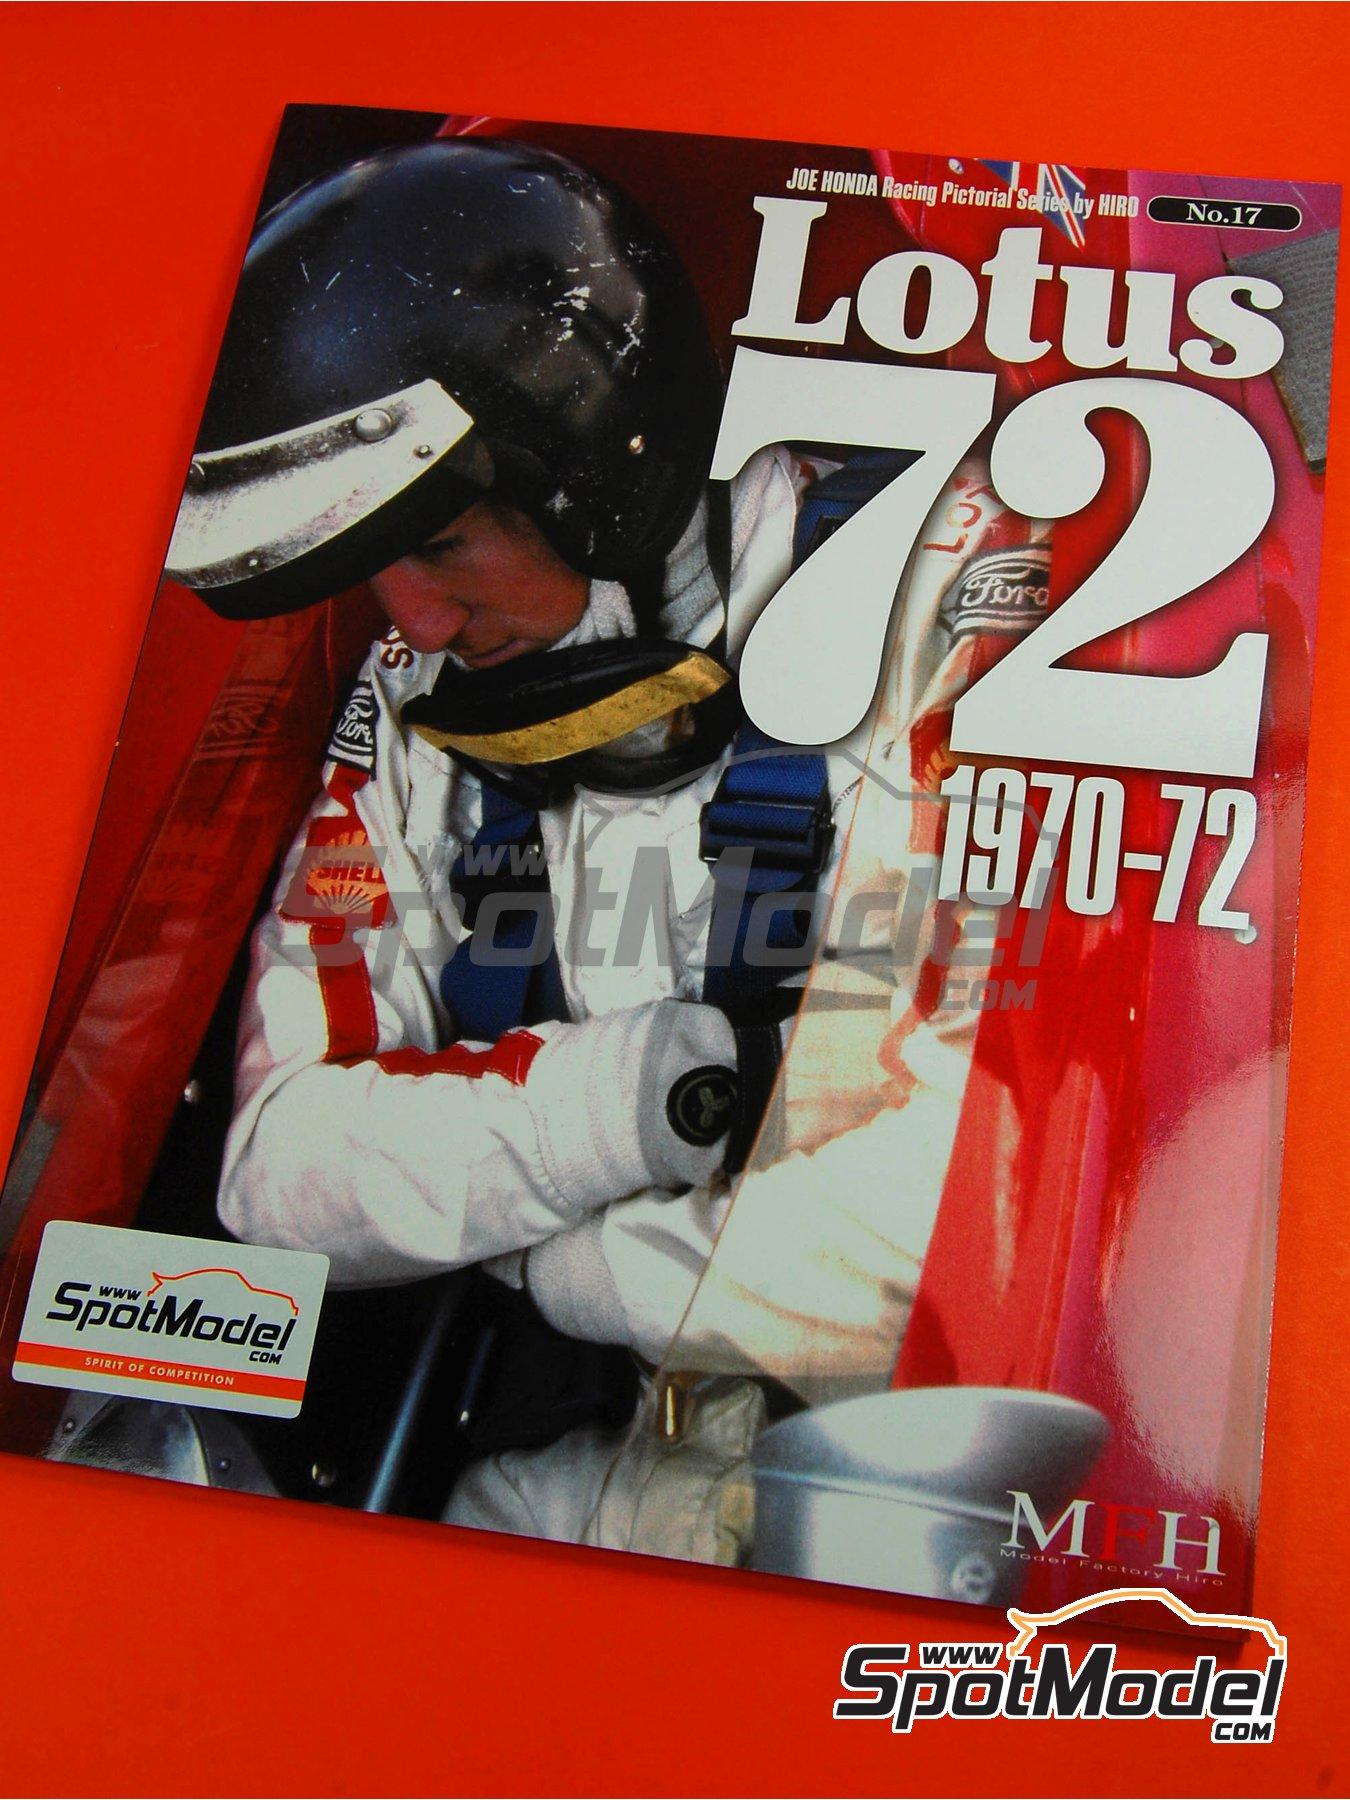 Model Factory Hiro - JOE HONDA Racing Pictorial Series - Lotus 72 1970-1972